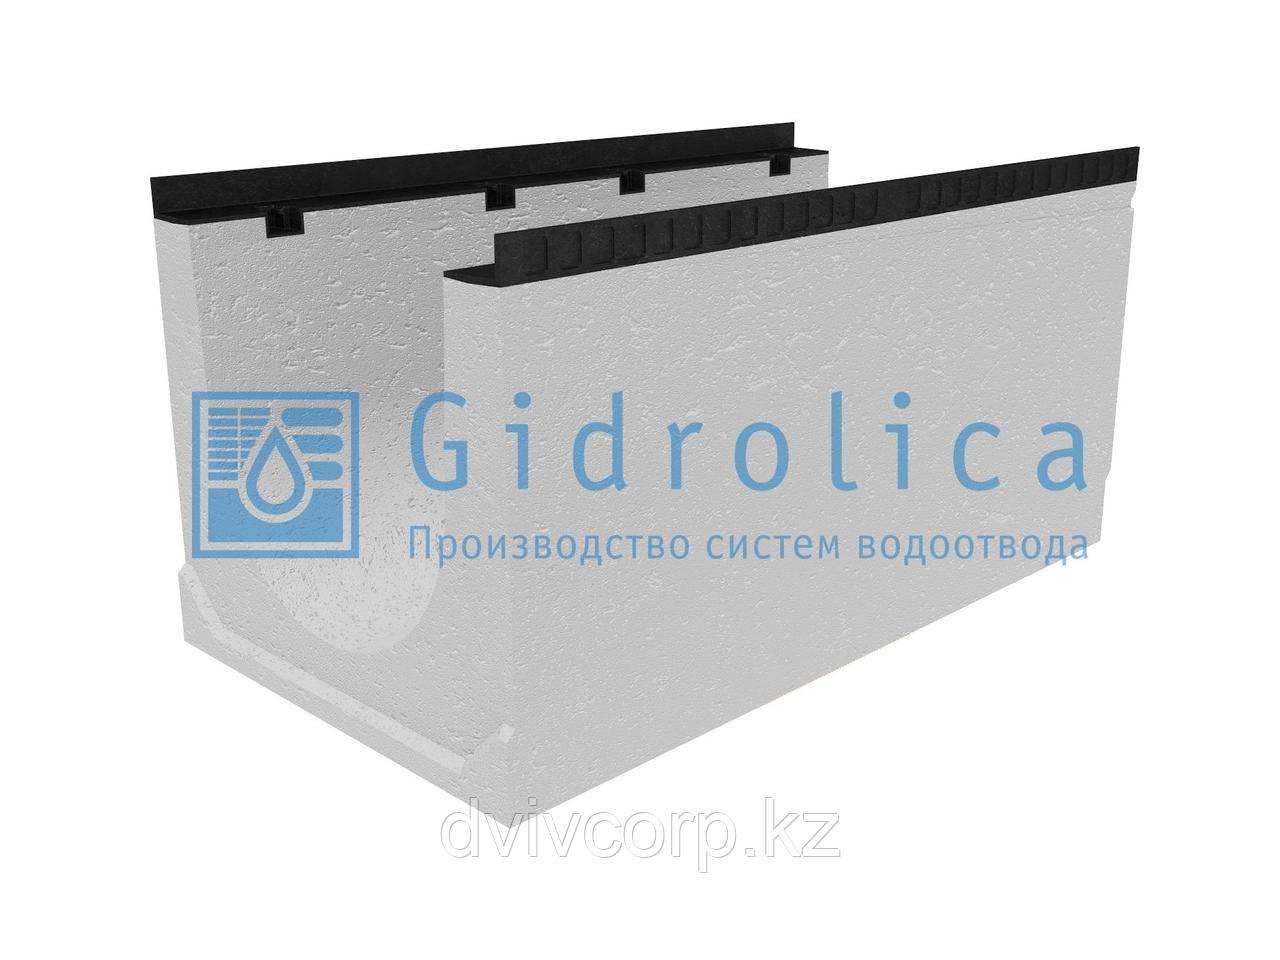 Лоток водоотводный бетонный коробчатый (СО-400мм), с уклоном 0,5%  КUу 100.54(40).50(42) - BGМ, № 10